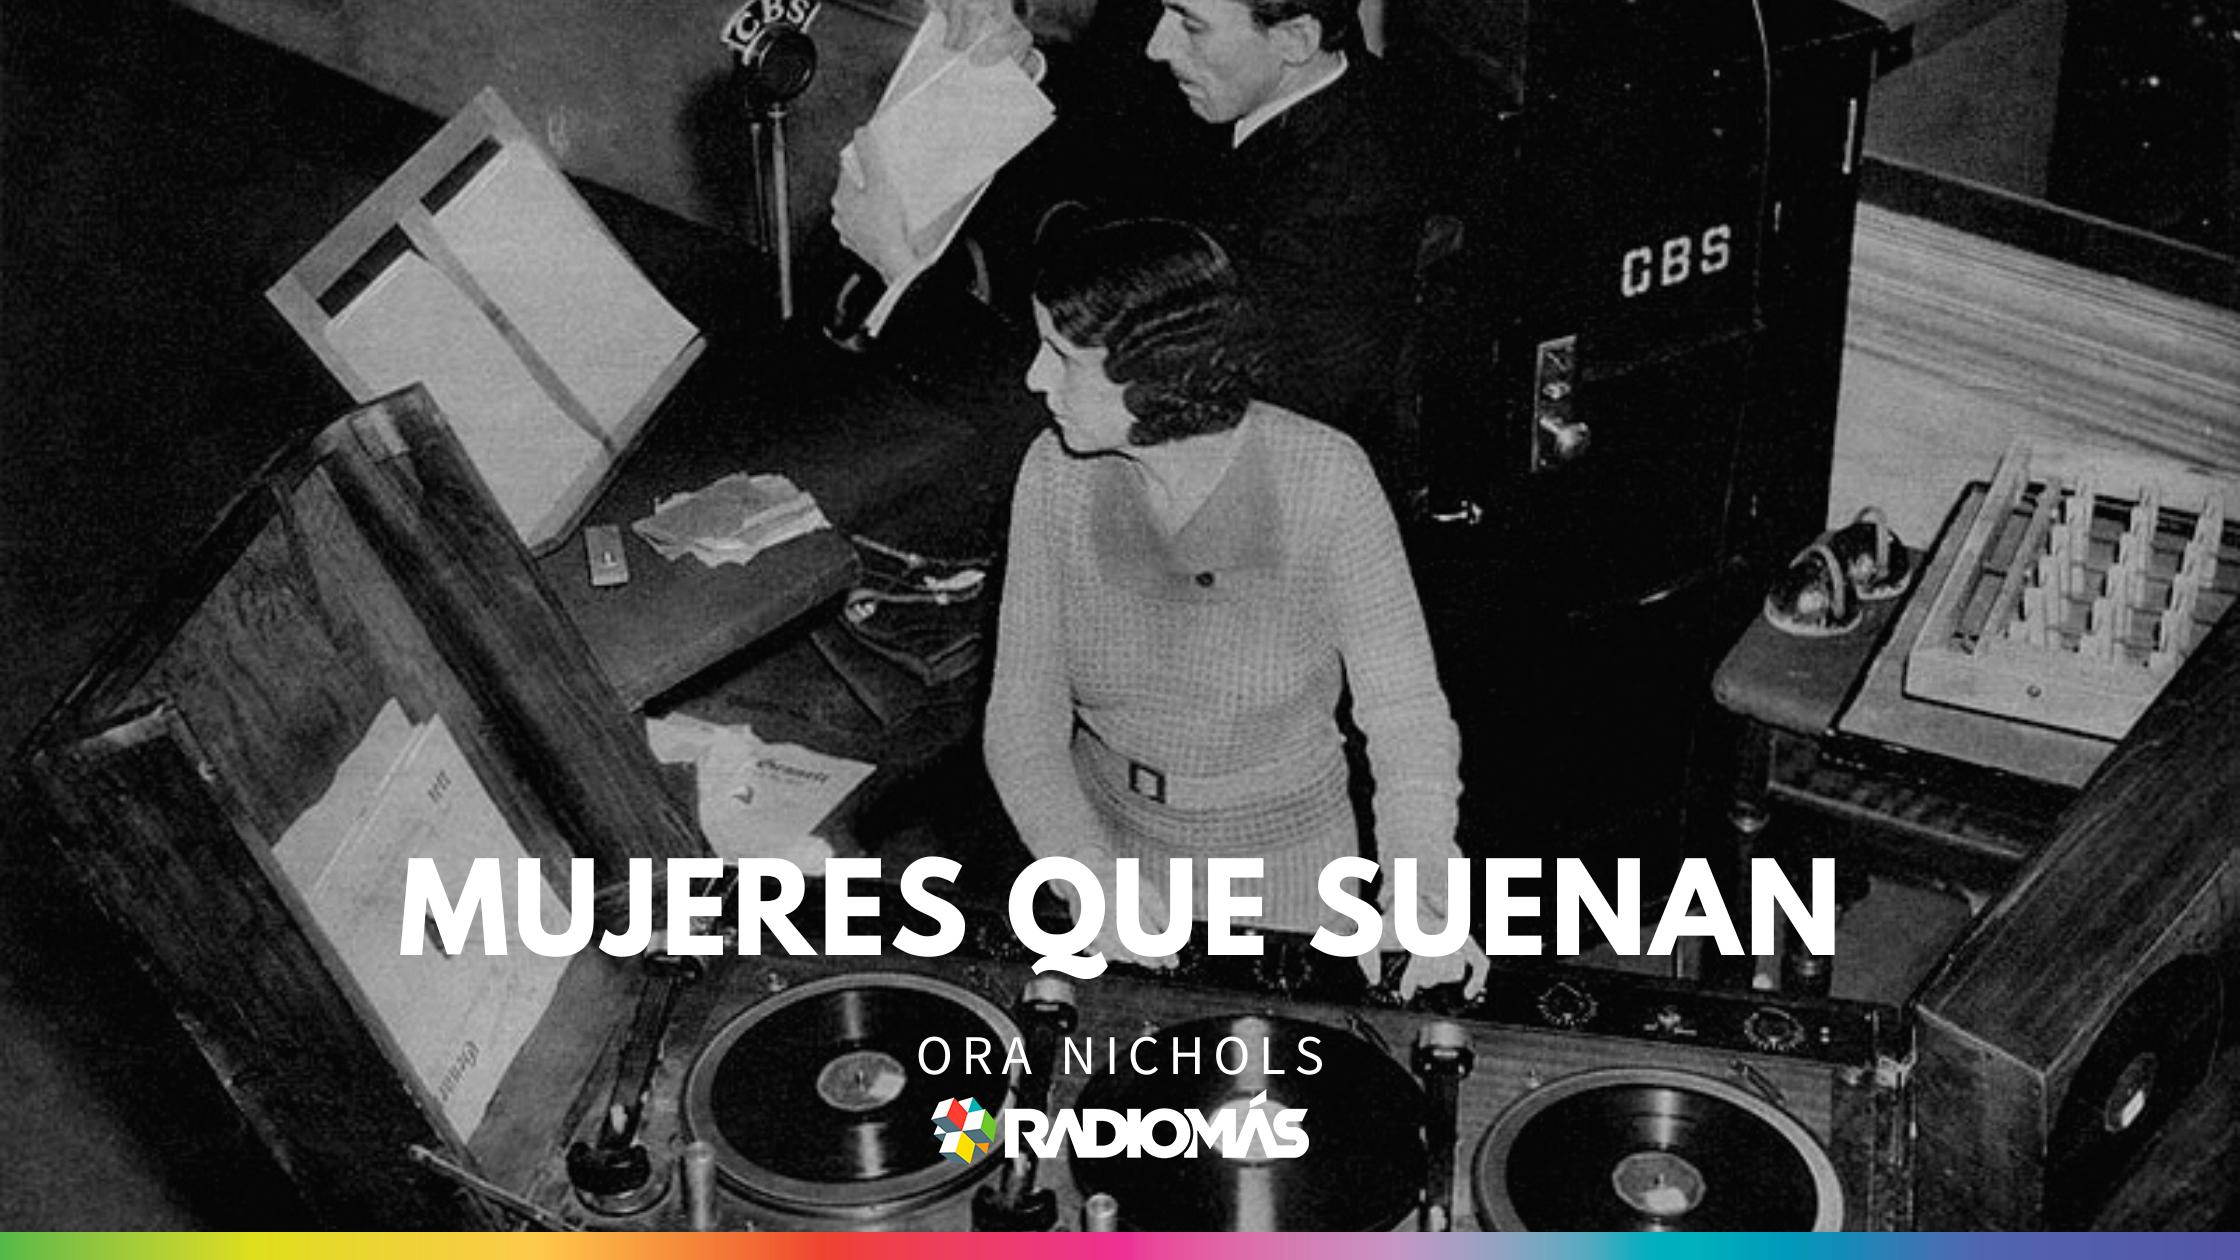 Ora Nichols, una de las mujeres más influyentes en la radio